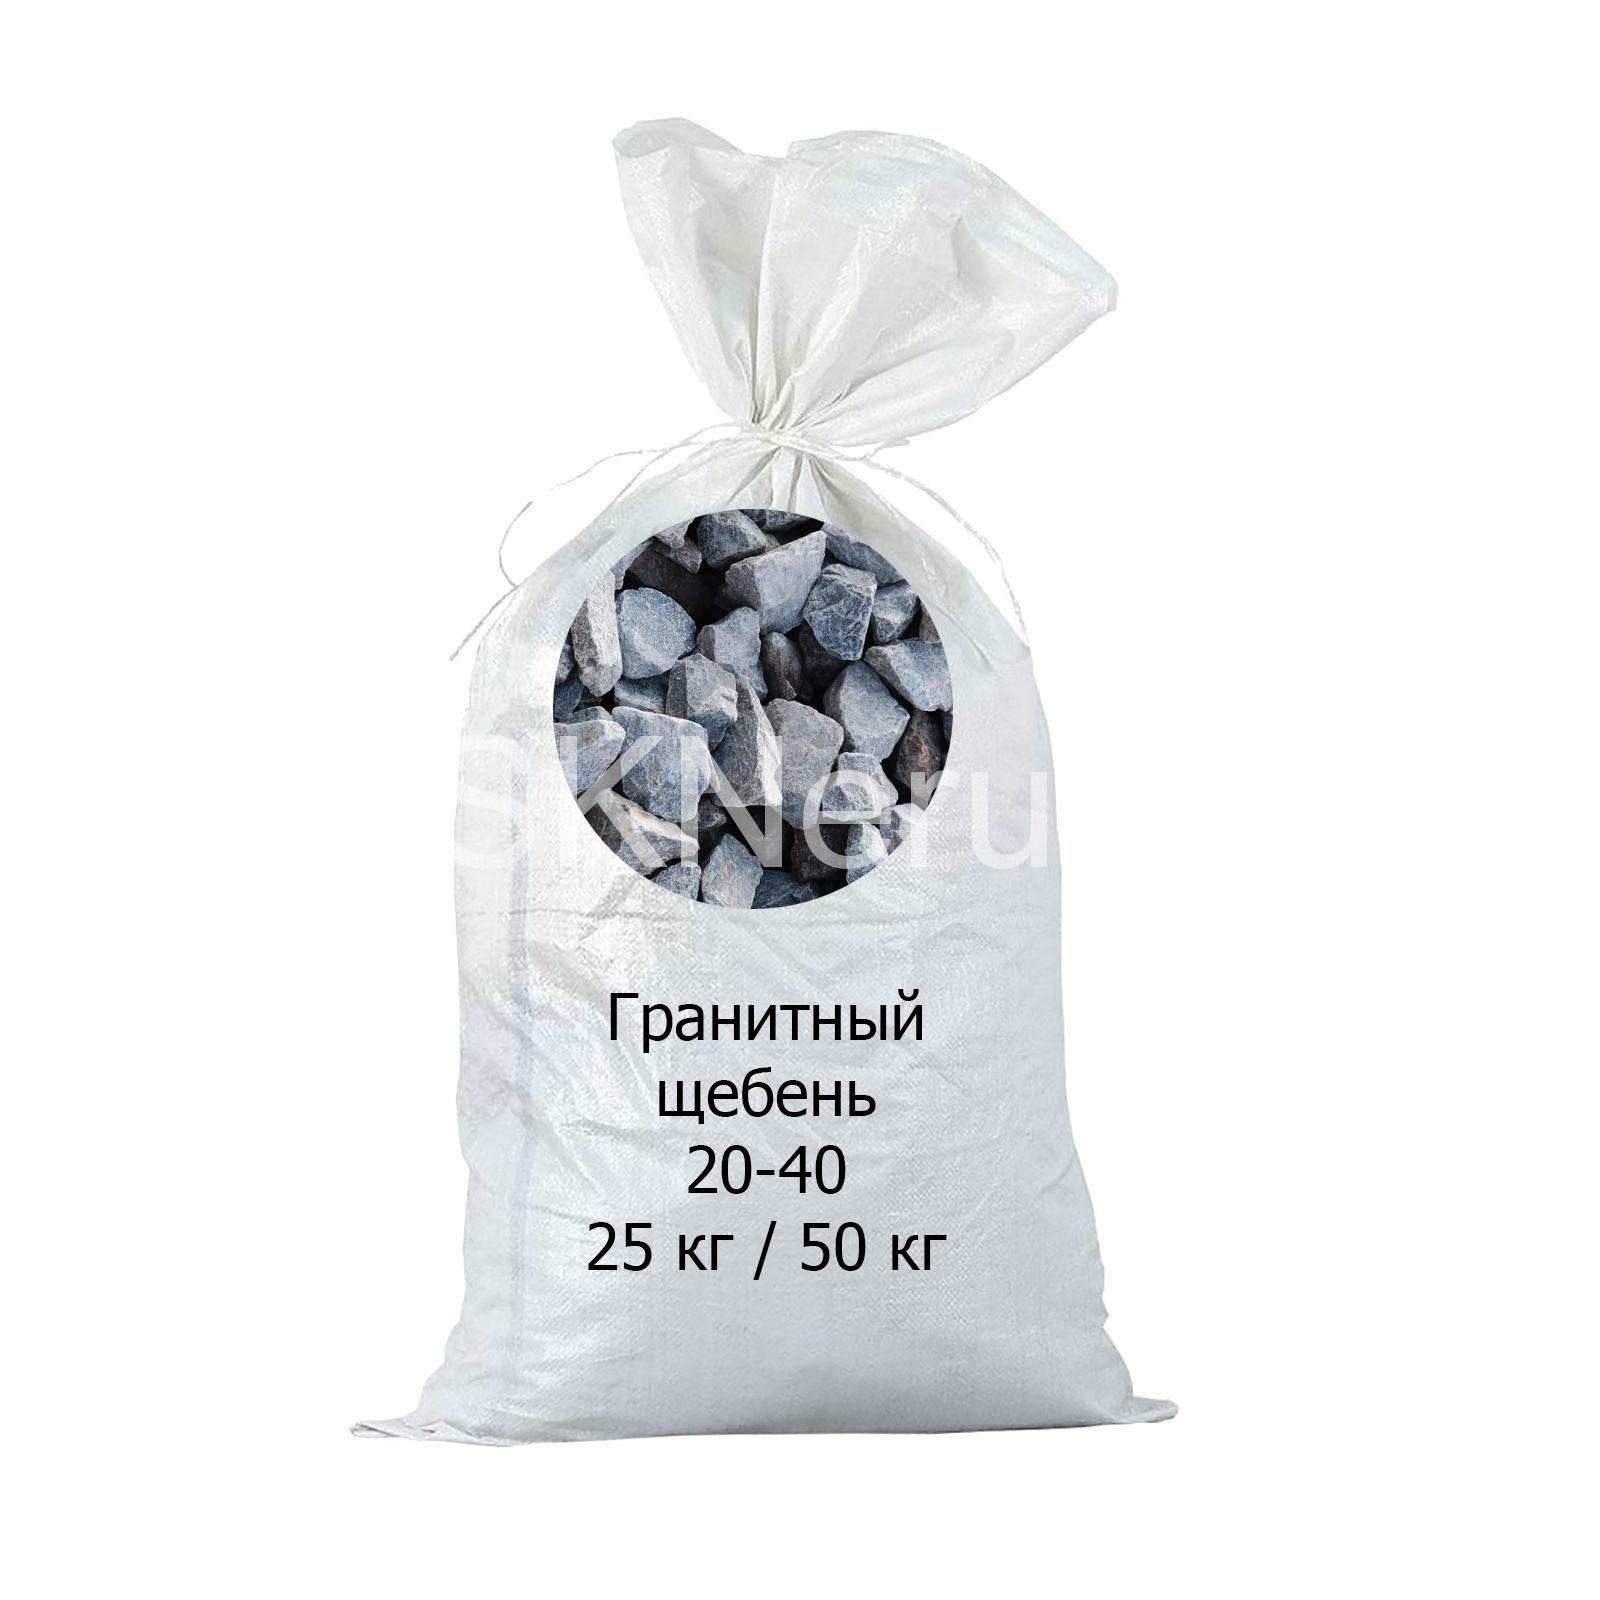 Щебень гранитный 20-40 в мешках 50 кг